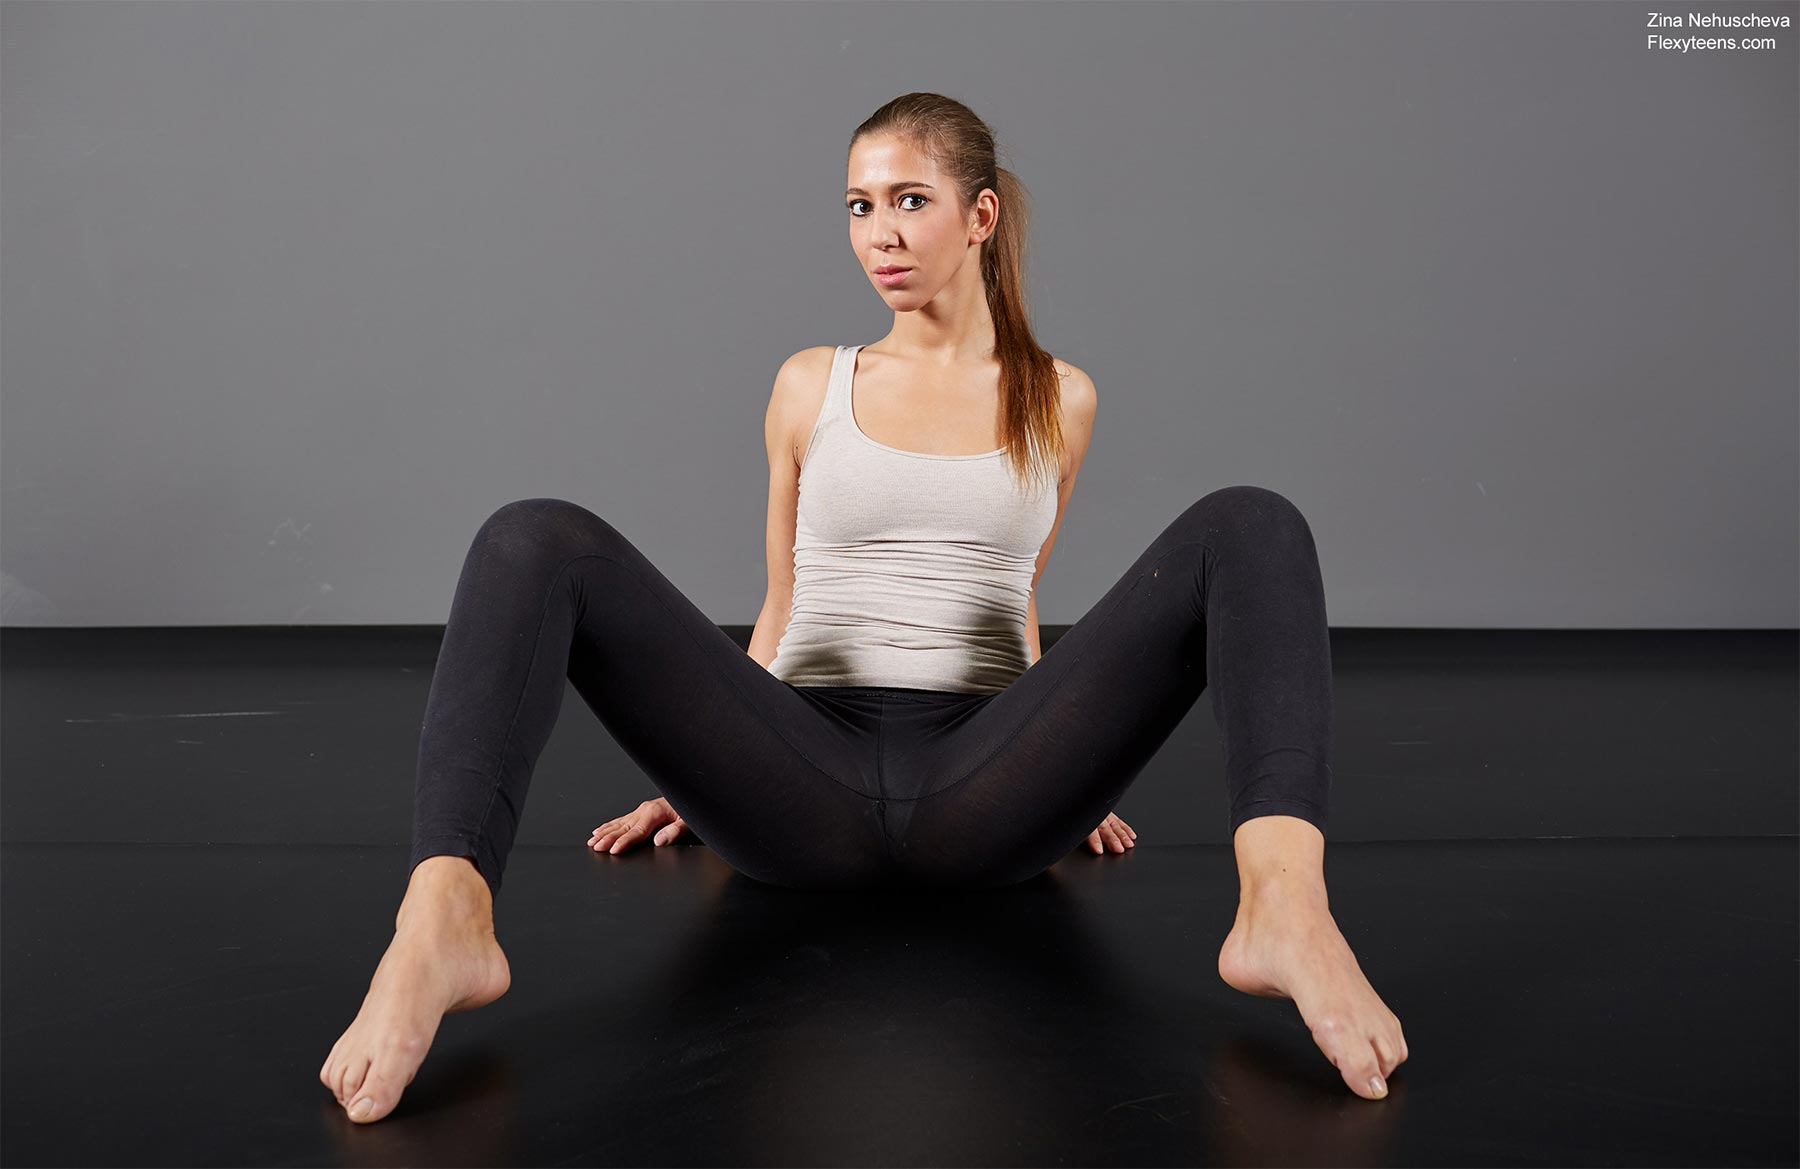 Russian gymnast